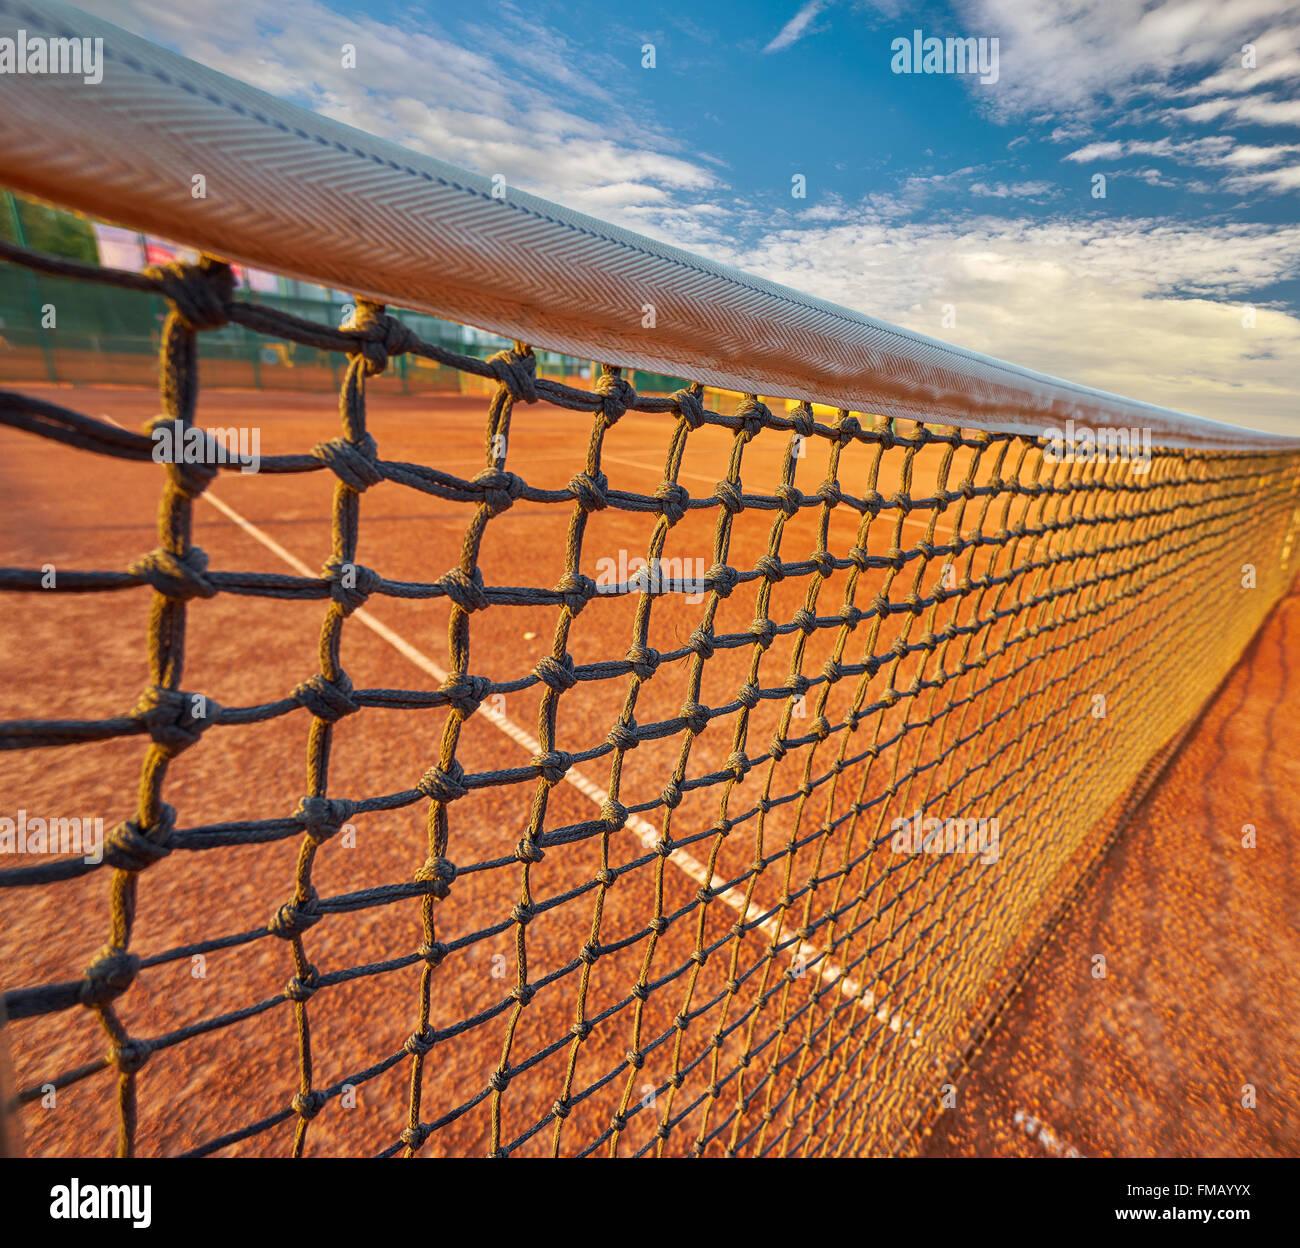 Cuadrícula de tenis en la cancha de tenis Antecedentes Imagen De Stock